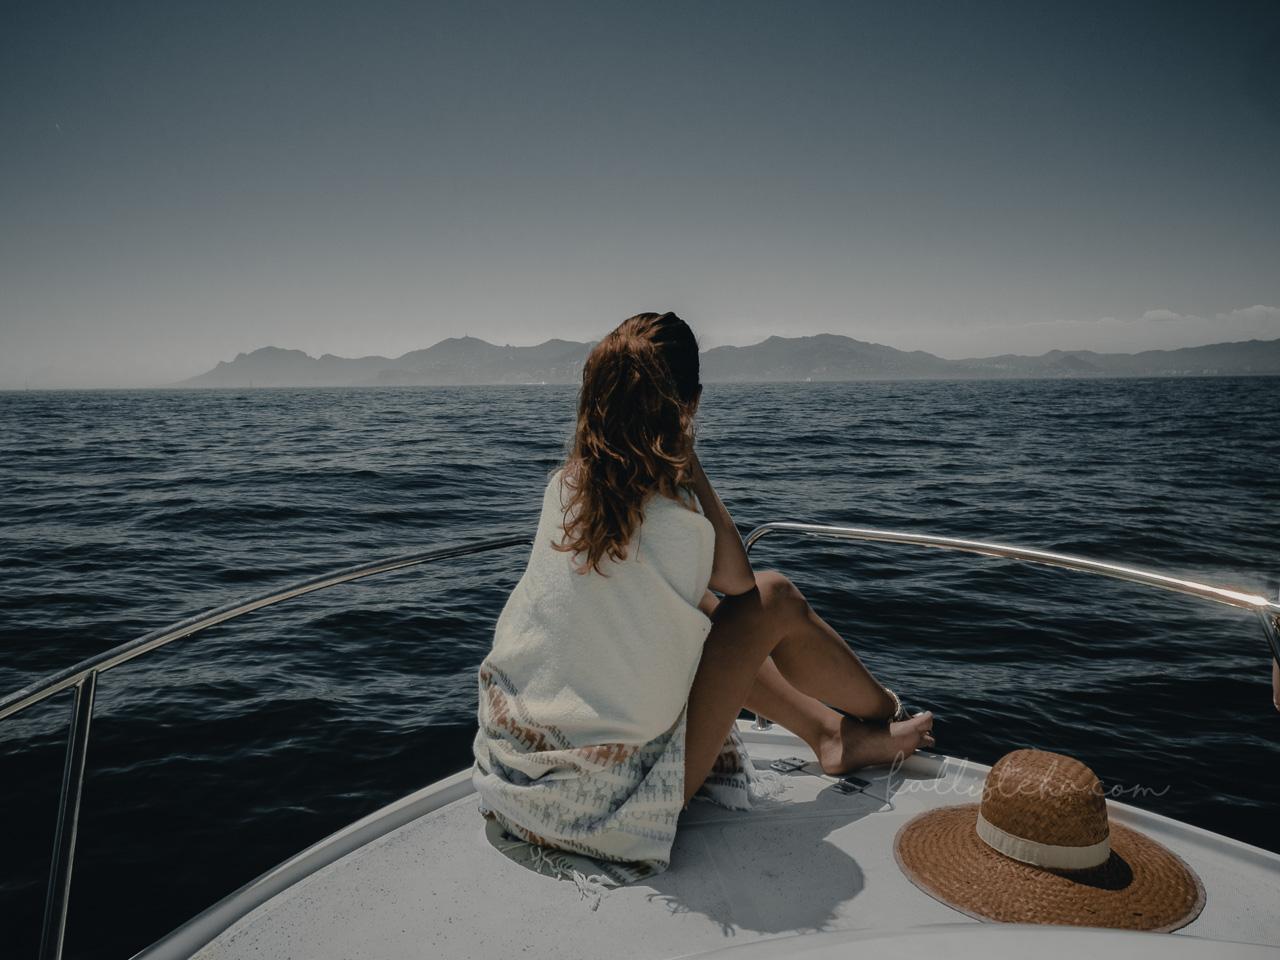 10 façons de voyager autrement | slow travel - Kallisteha, voyages et vérités